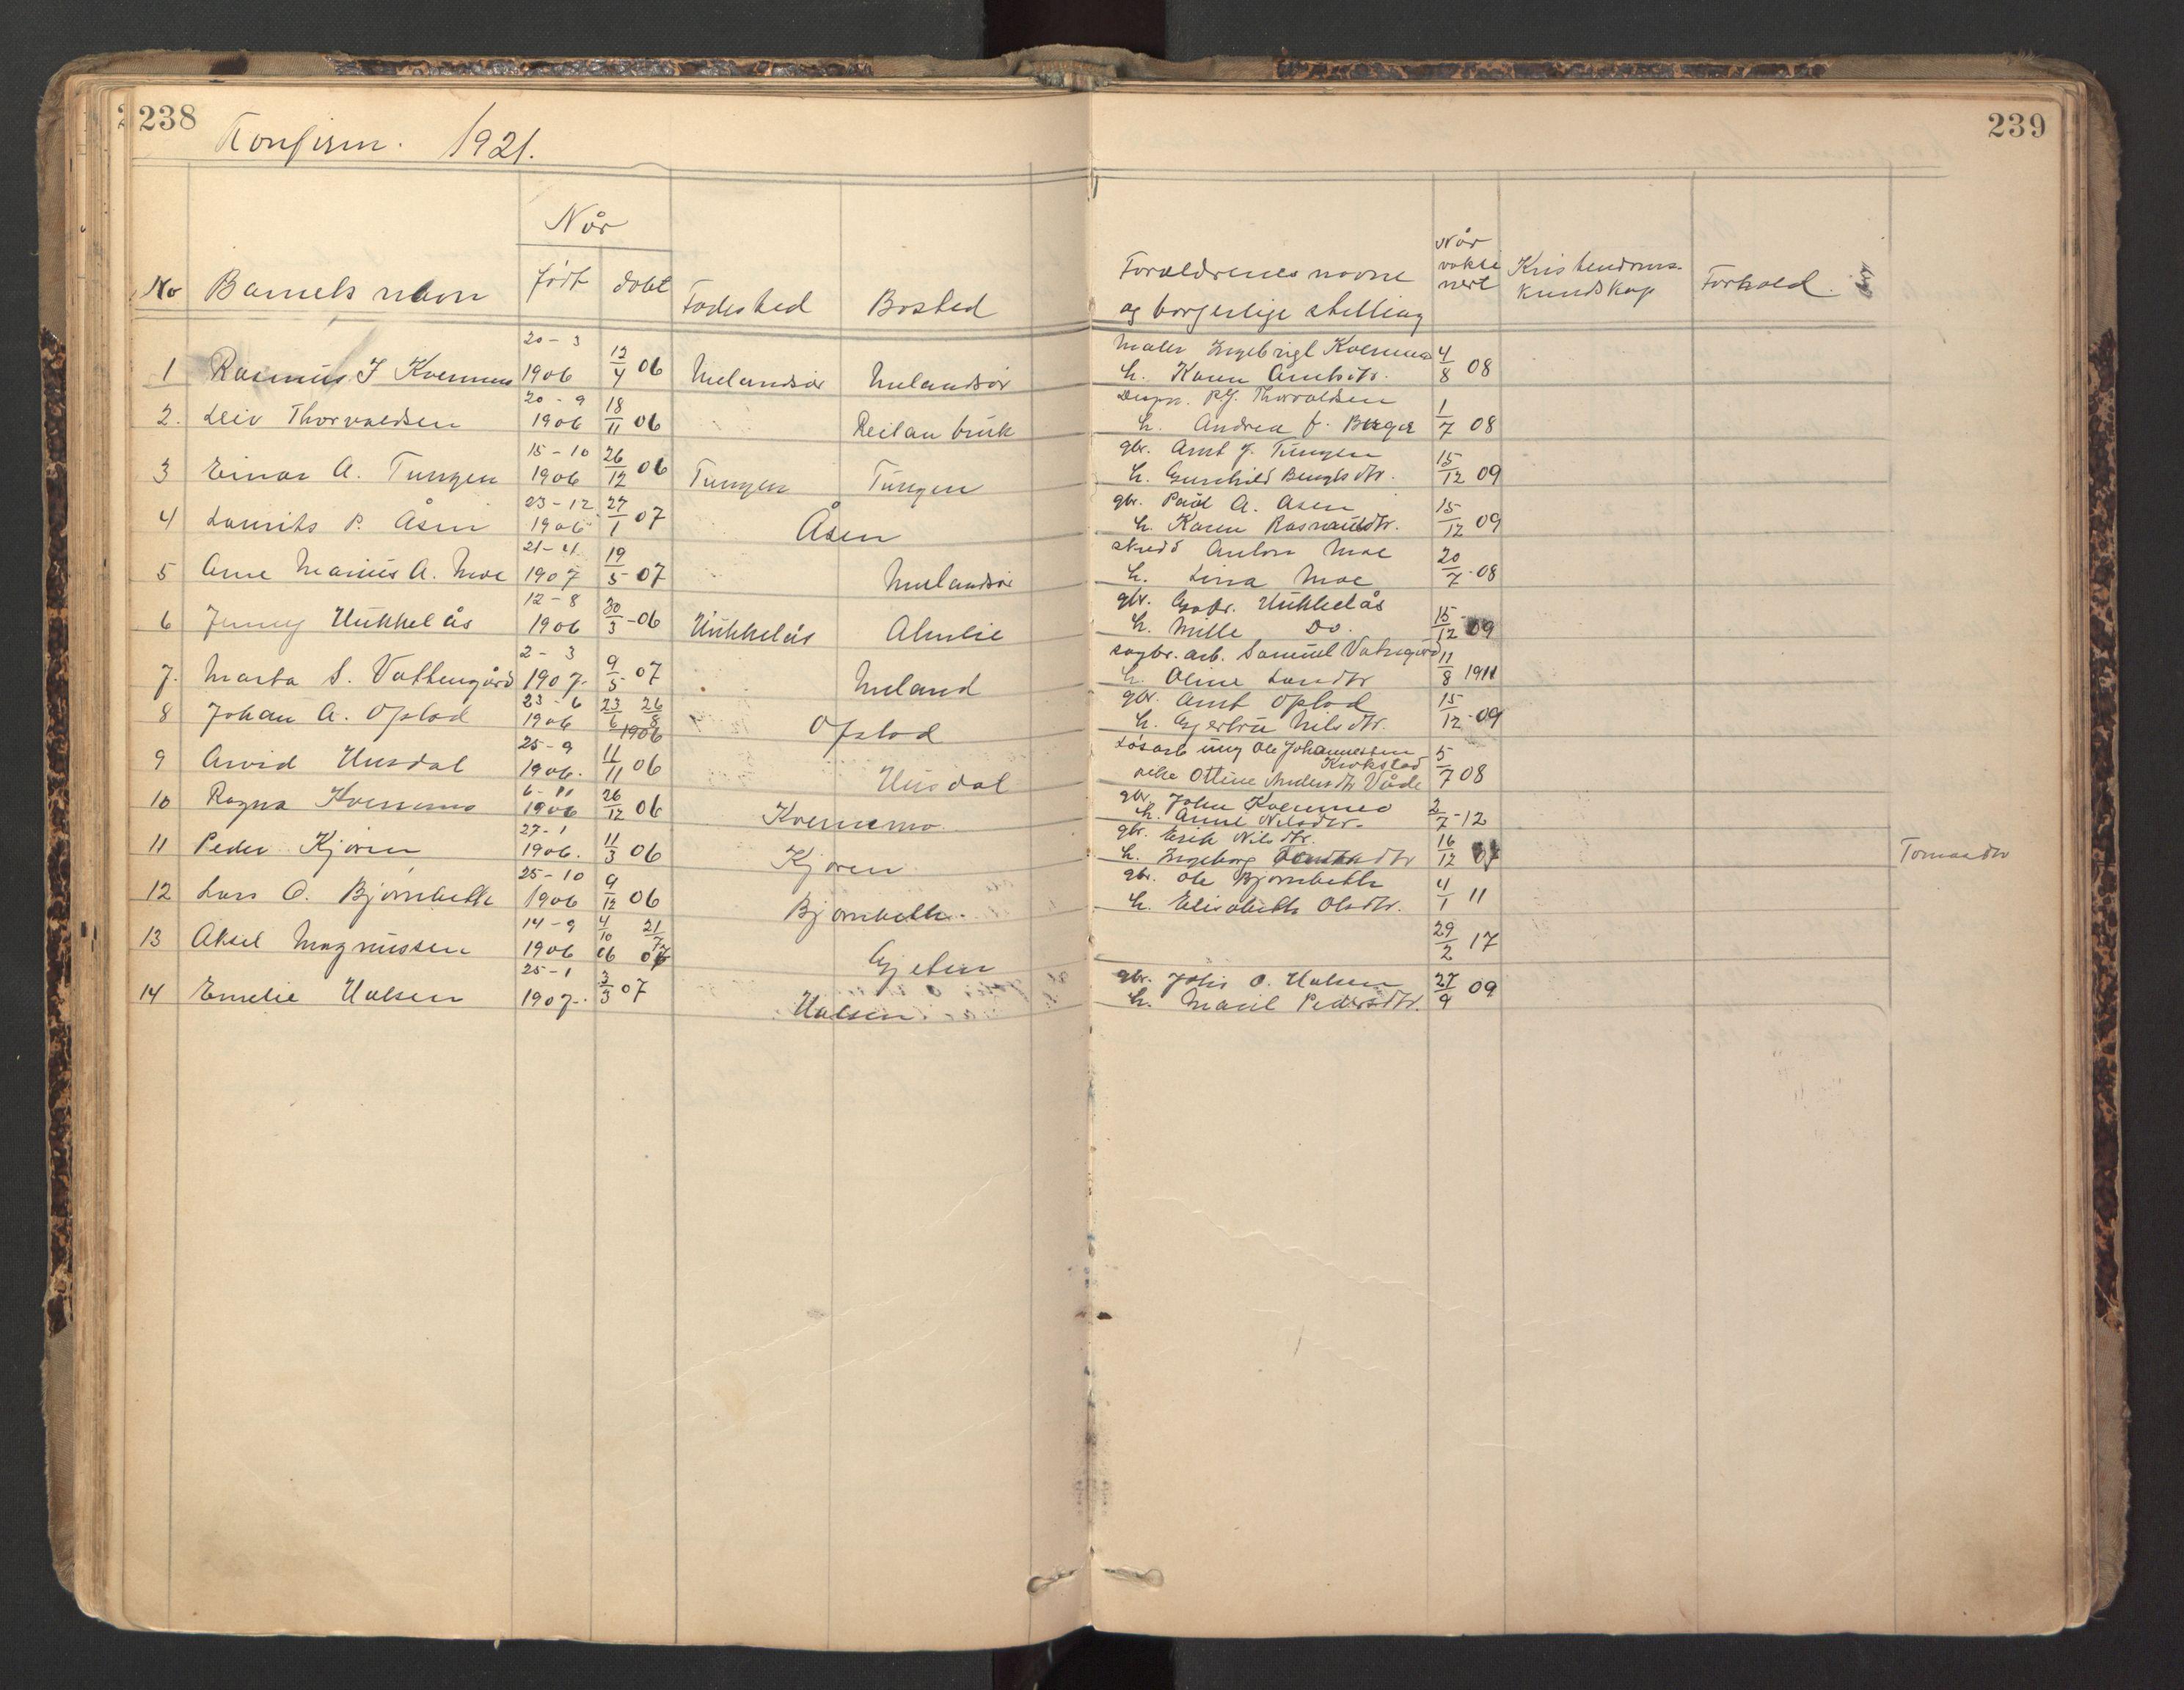 SAT, Ministerialprotokoller, klokkerbøker og fødselsregistre - Sør-Trøndelag, 670/L0837: Klokkerbok nr. 670C01, 1905-1946, s. 238-239